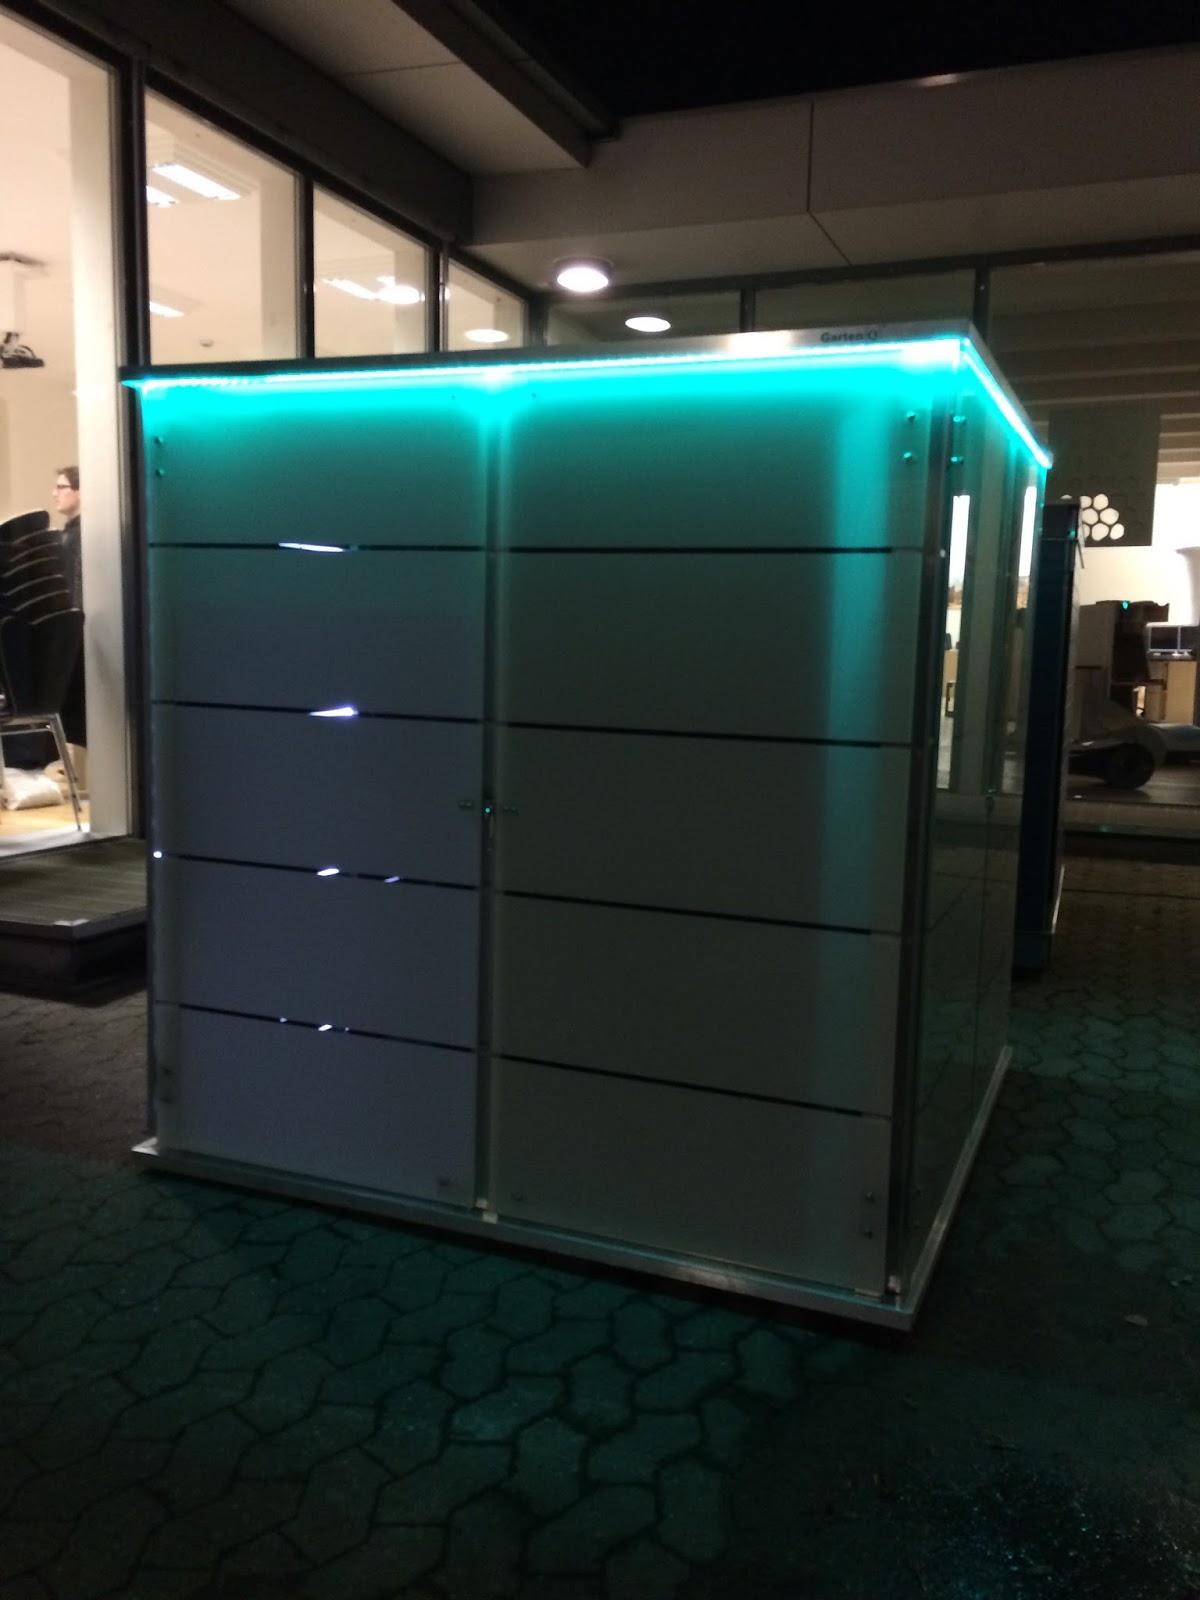 Gartenhaus mit integrierter LED Beleuchtung